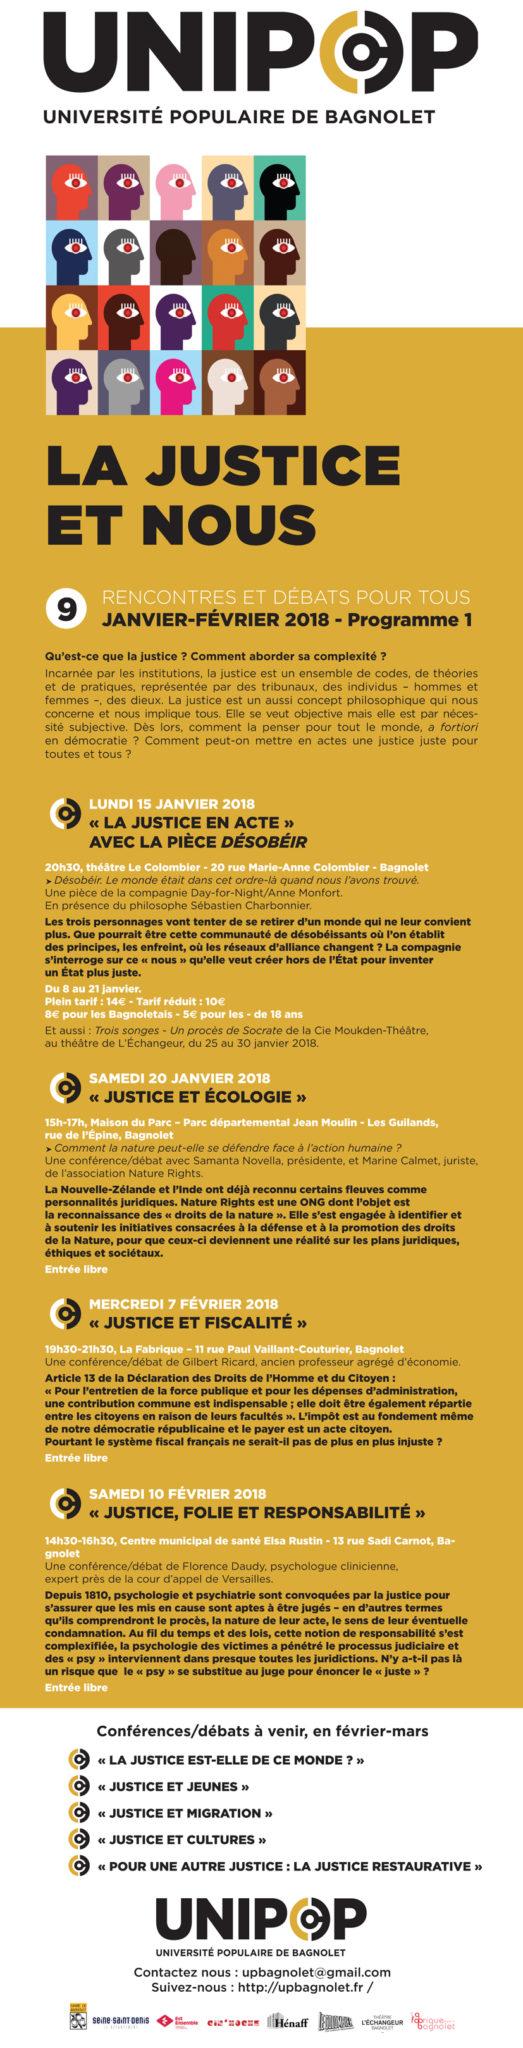 La justice et nous